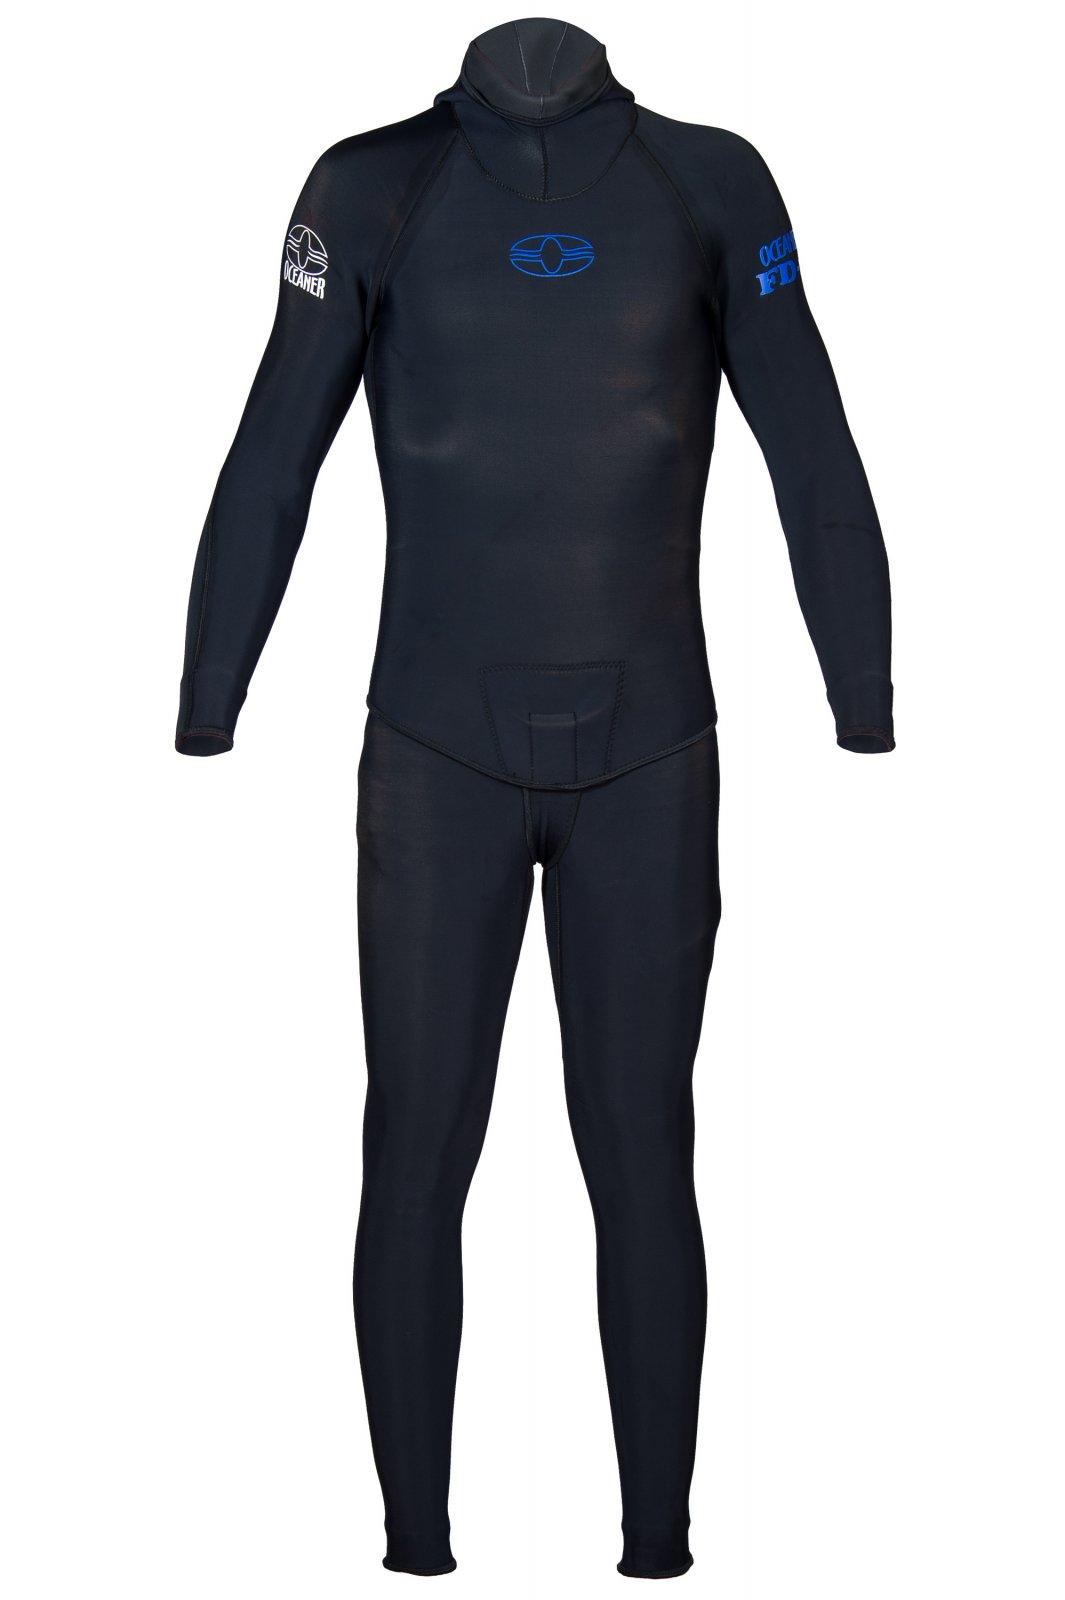 Oceaner FD-S Wetsuit Men's 3mm